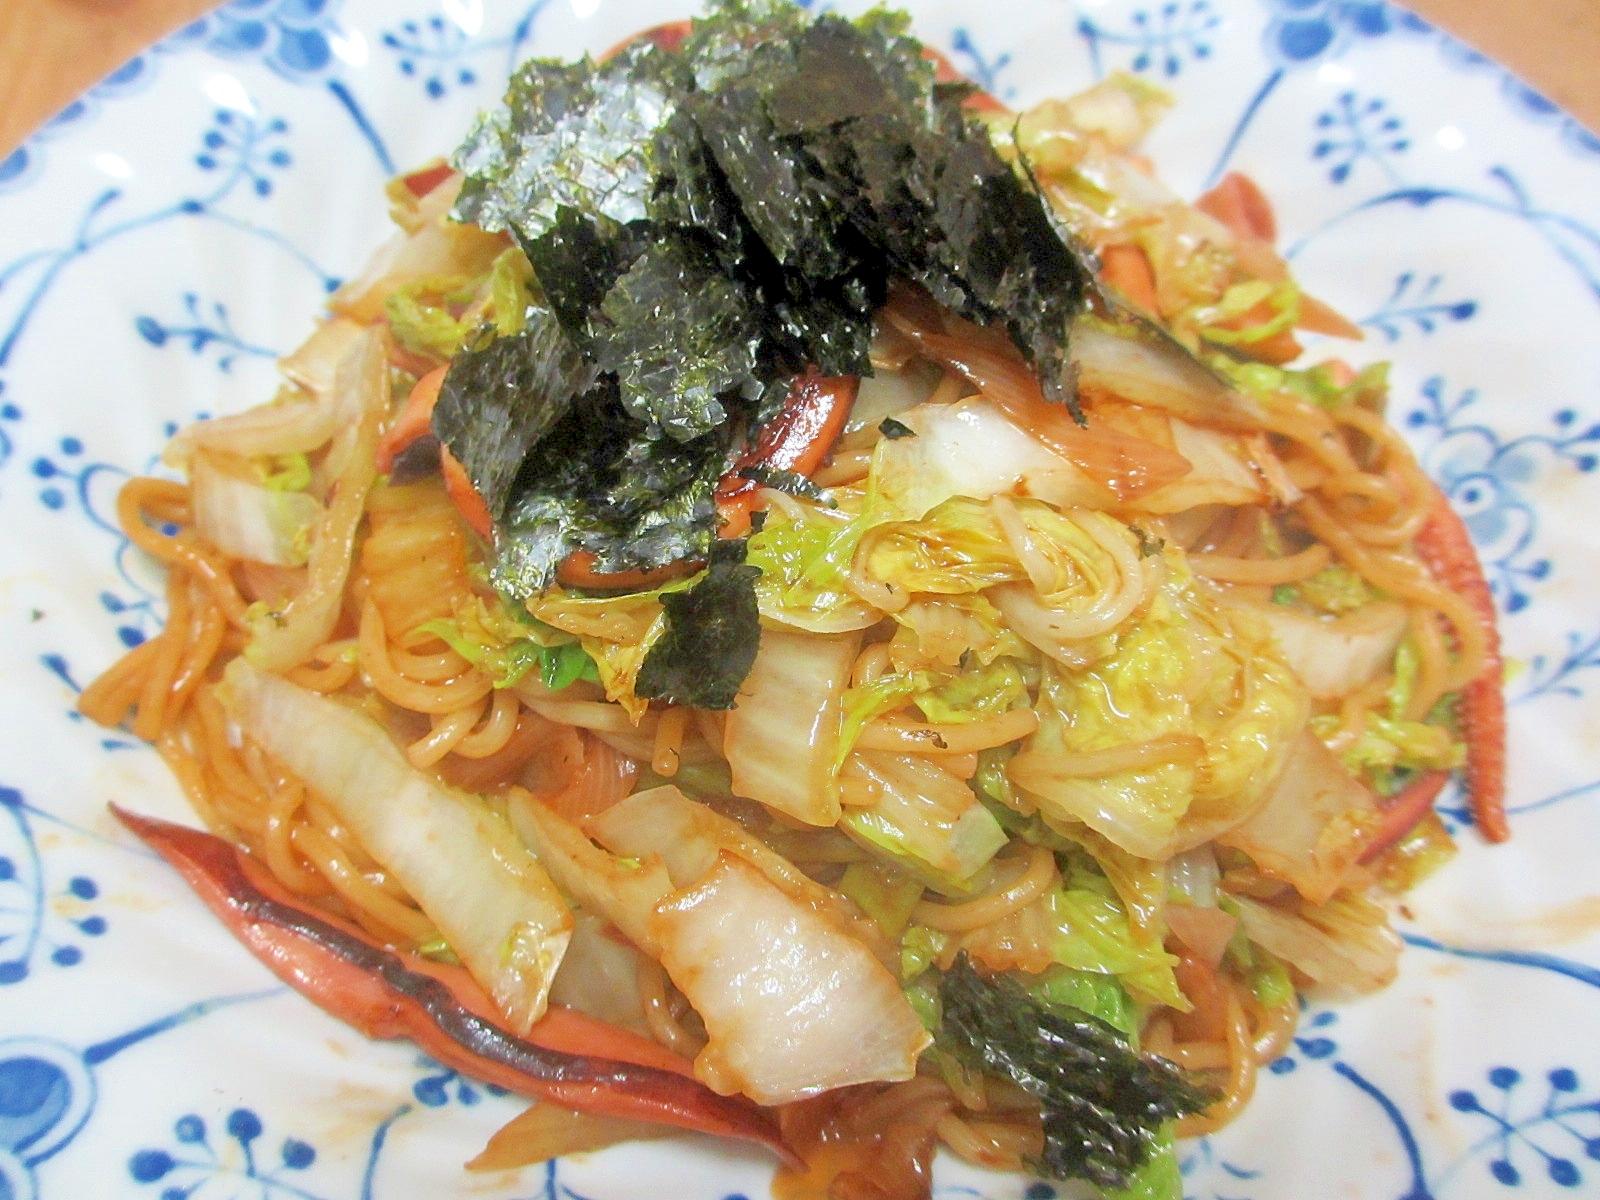 イカと白菜のしょうゆ焼きそば